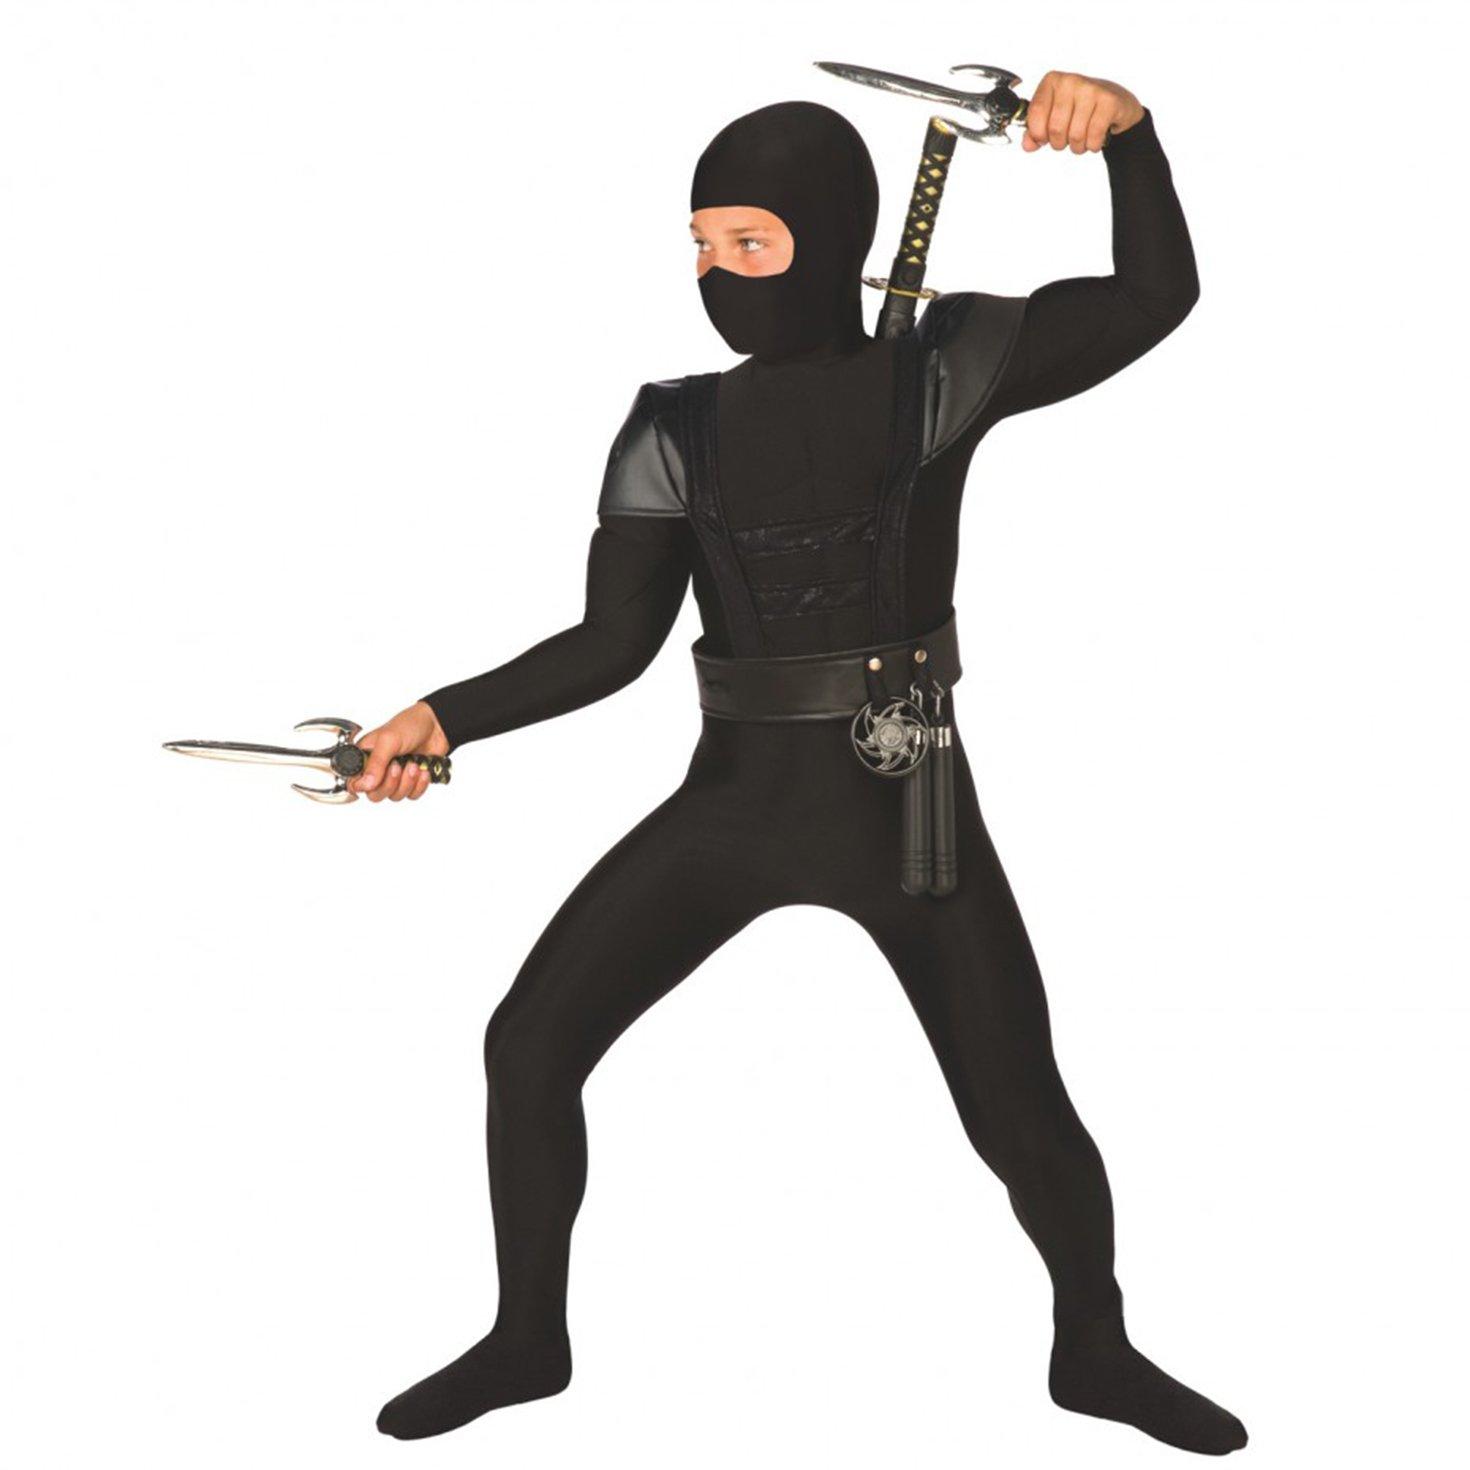 Kinder-Ninja-Kostm-Schwarz-Kung-Fu-Kleidung-fr-Jungen-und-Mdchen-Klein